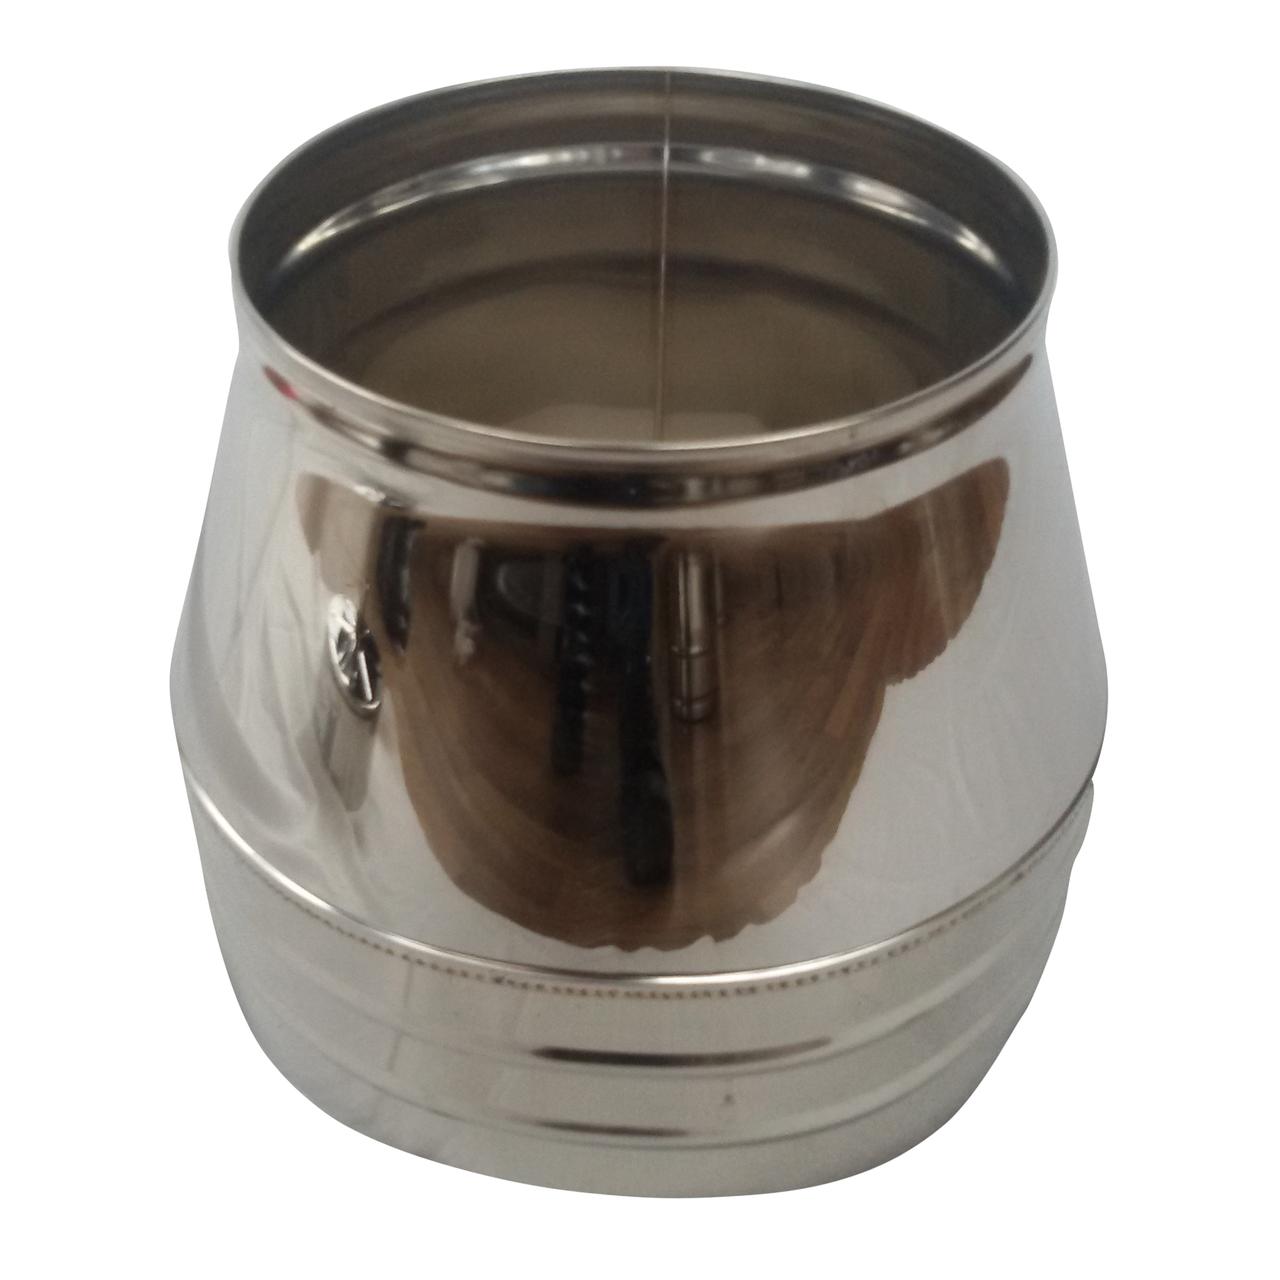 Конус-сендвіч ø300 мм 0,5 мм AISI 304 нержавійка/нержавійка для димоходу димохідний вентиляції Версія-Люкс